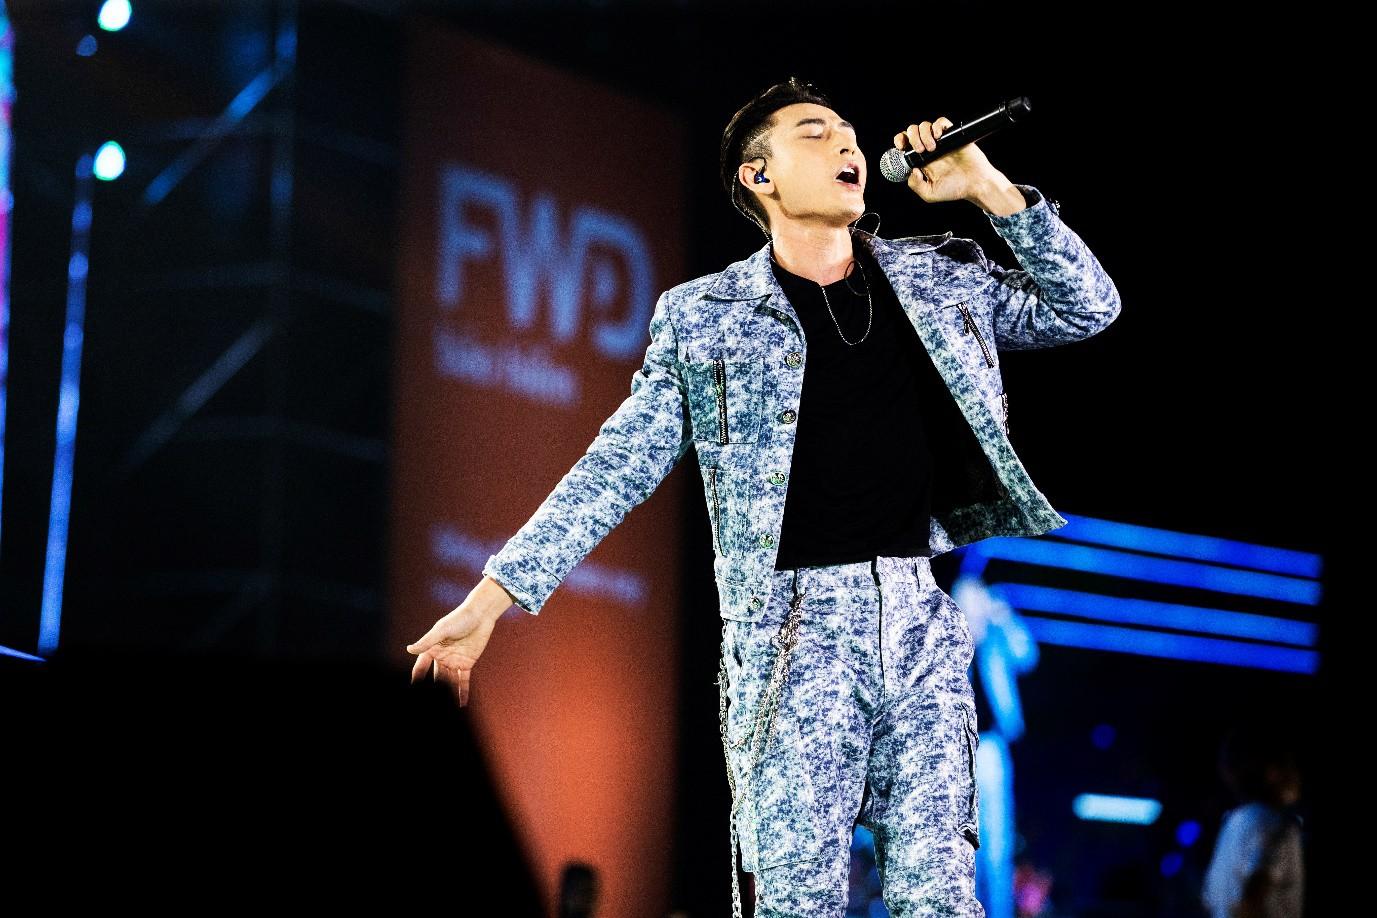 Sơn Tùng M-TP, Đen Vâu, Tóc Tiên, Hồ Ngọc Hà… mang đến quá nhiều màn trình diễn đỉnh cao tại FWD Music Fest - Ảnh 5.